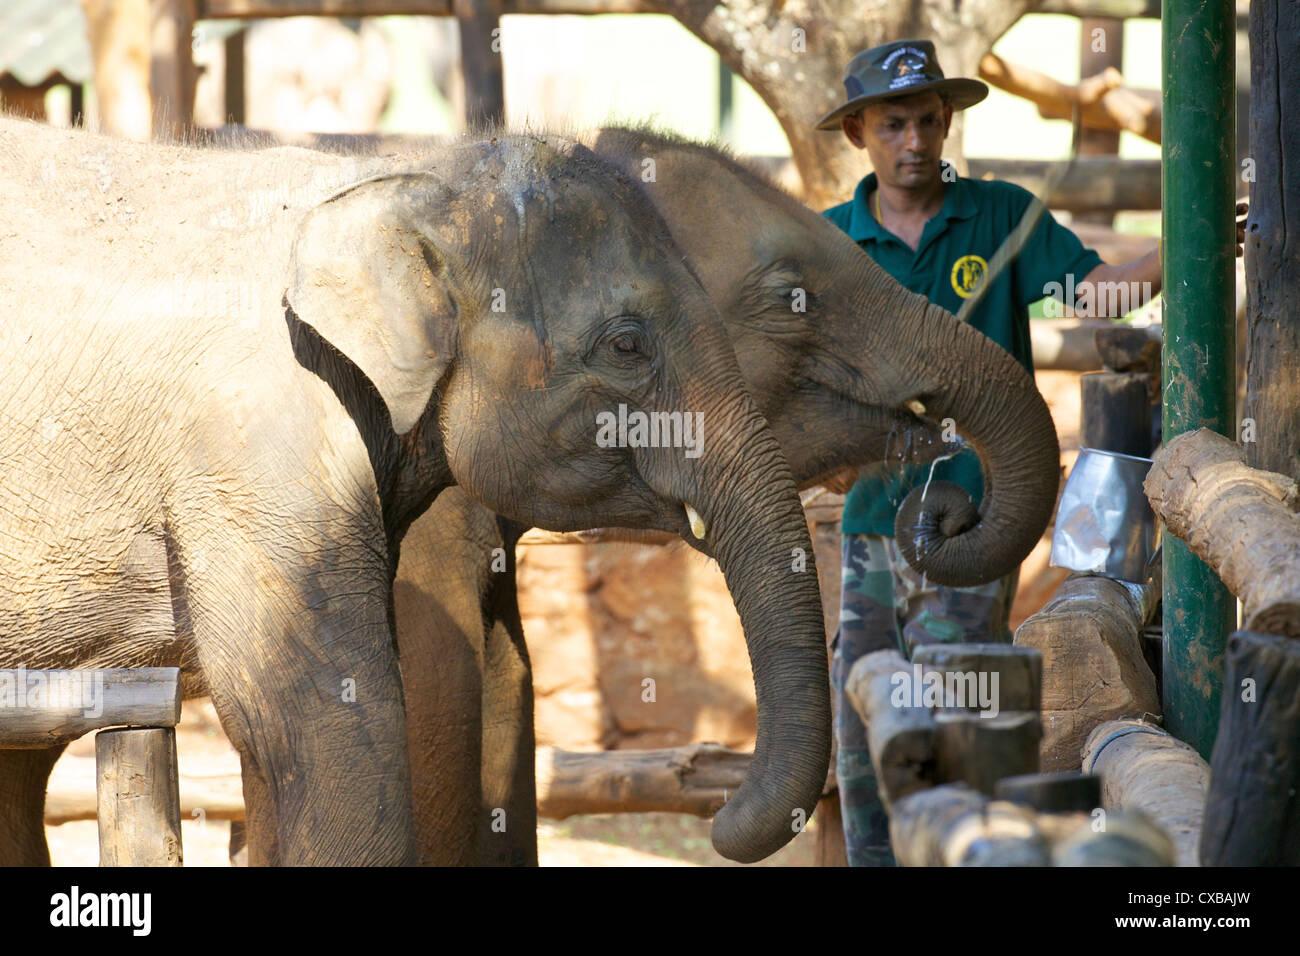 Bébé éléphant d'Asie, l'éléphant d'Uda Walawe Accueil de transit, au Sri Lanka, en Asie Banque D'Images